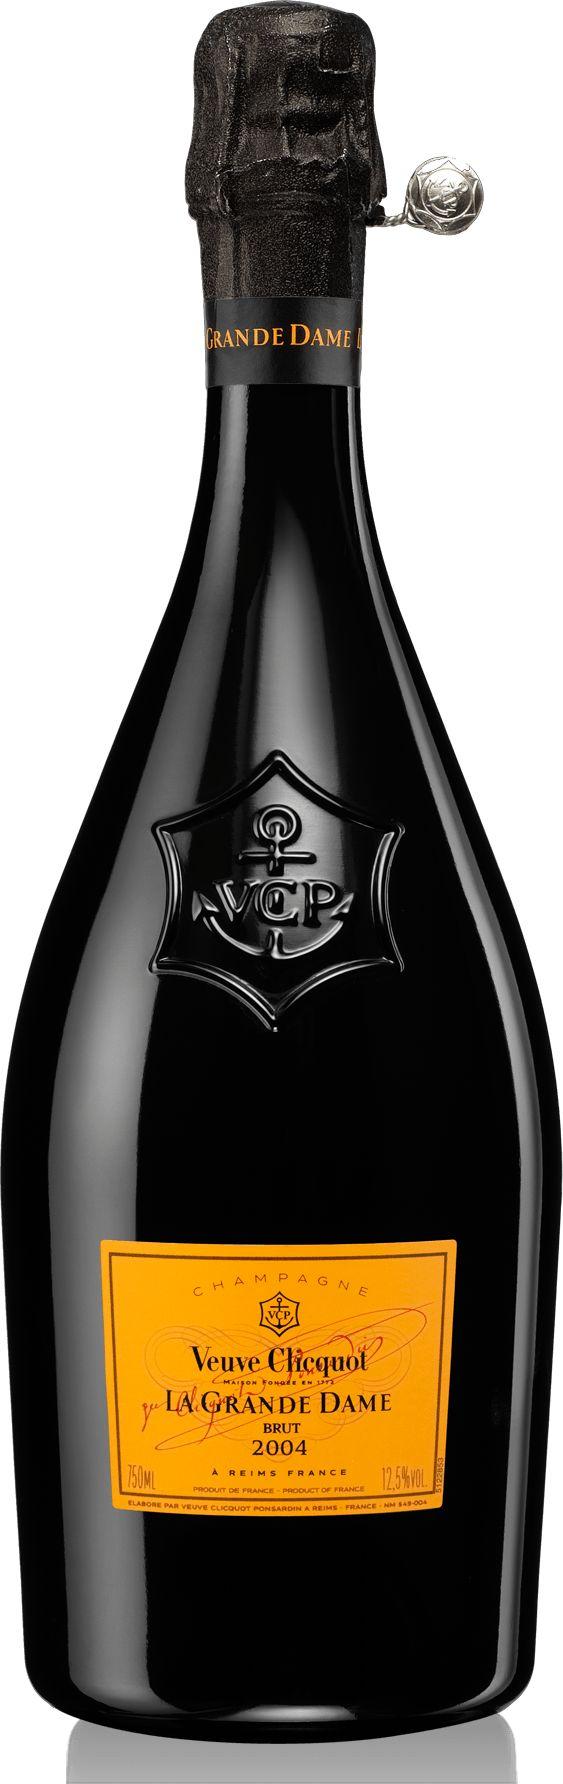 Veuve Clicquot: La Grande Dame 2004, brut Champagne - Veuve Clicquot | Veuve Clicquot  Denise's favorite champagne!